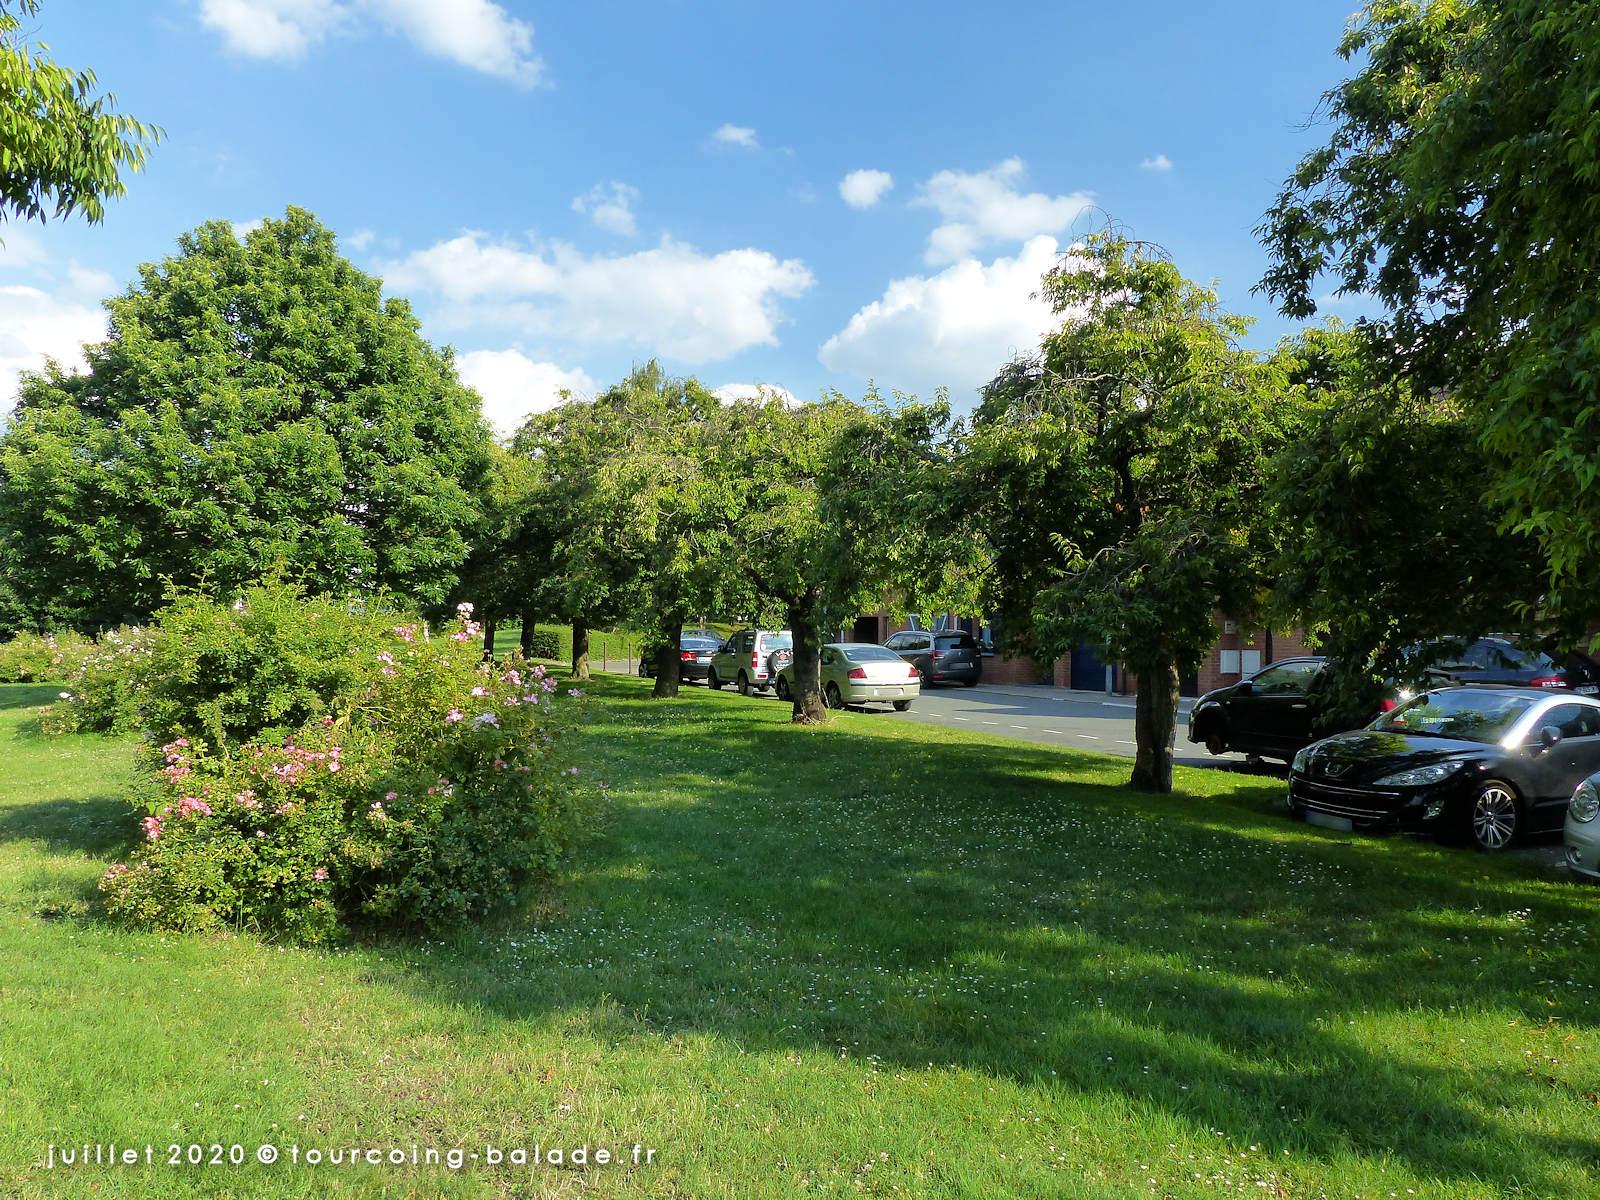 Bosquets de l'allée des Cerisiers, Tourcoing 2020